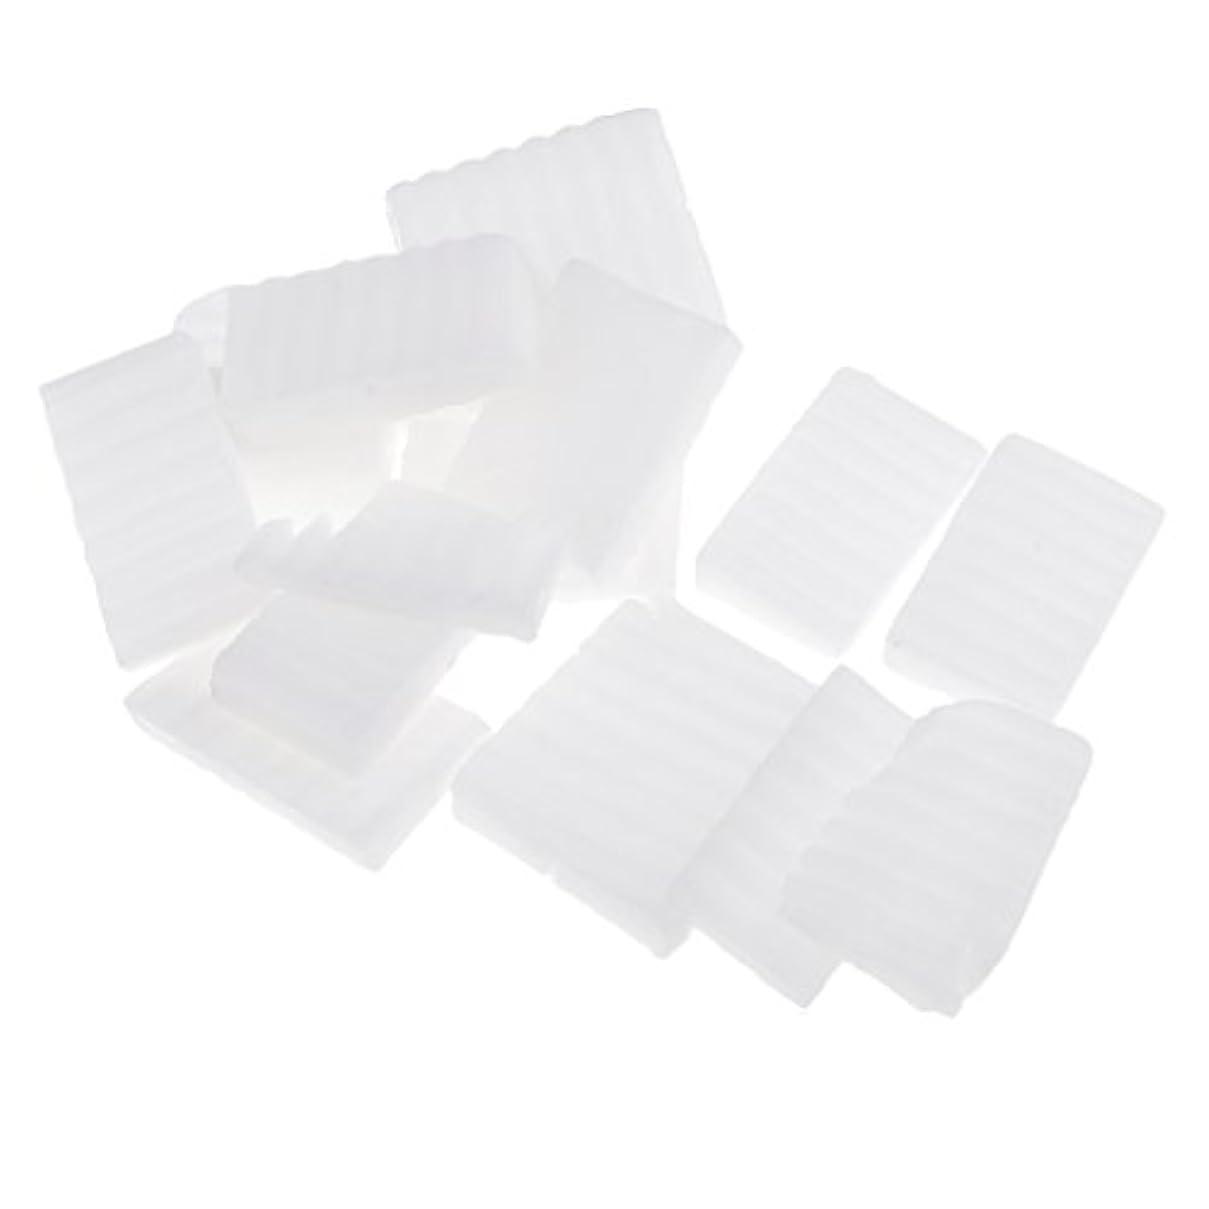 誓う信頼観察する約500g ホワイト 石鹸ベース DIY 手作り 石鹸 材料